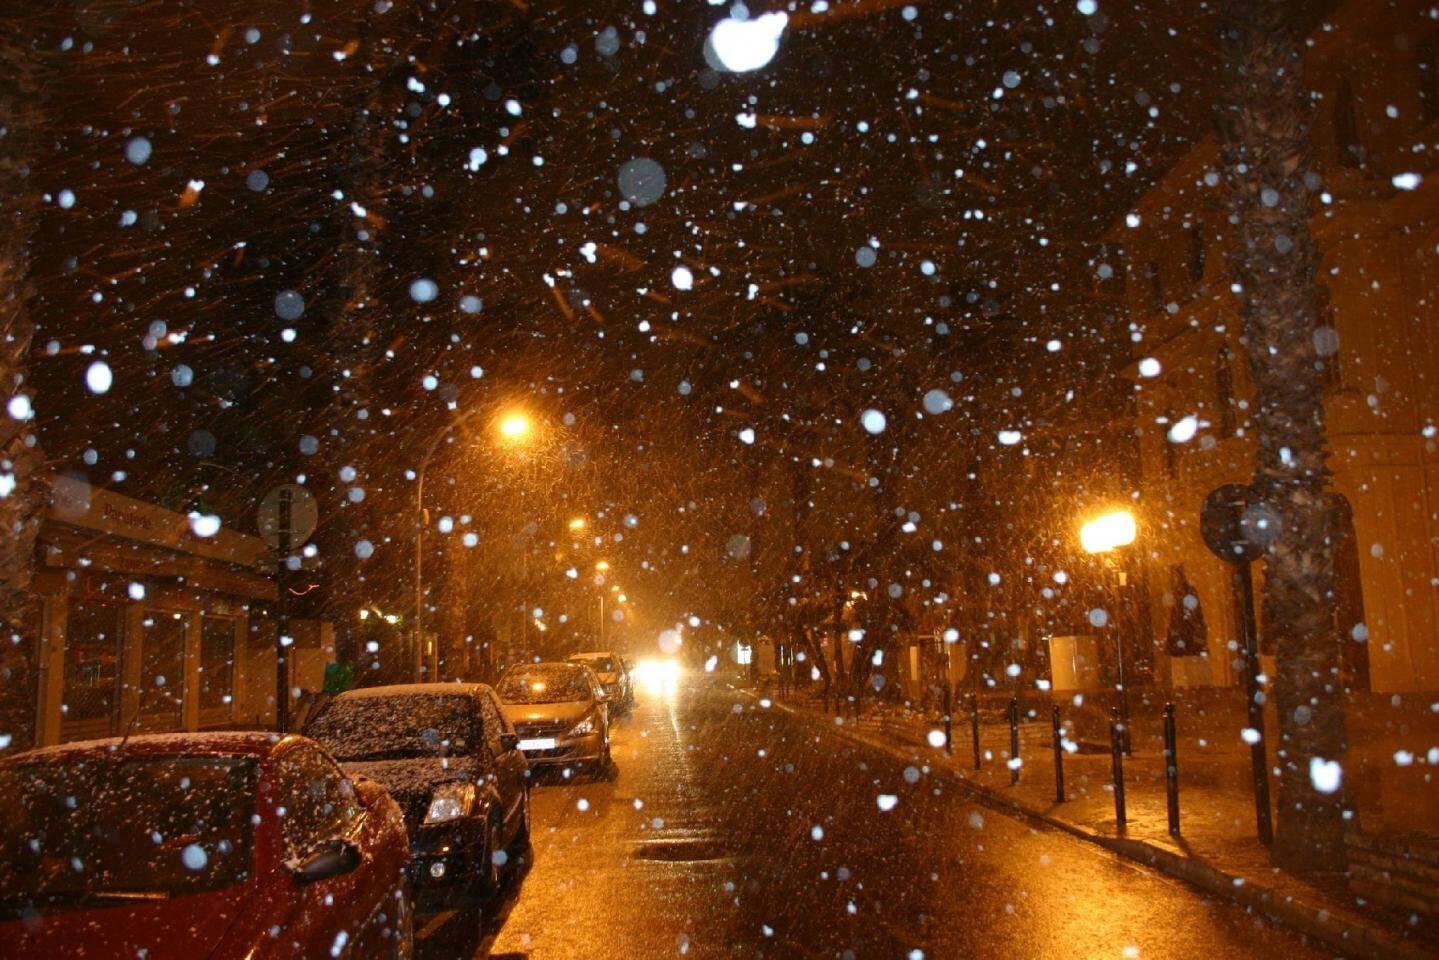 Les premières chutes de neige ont débuté hier soir sur le littoral hyérois.